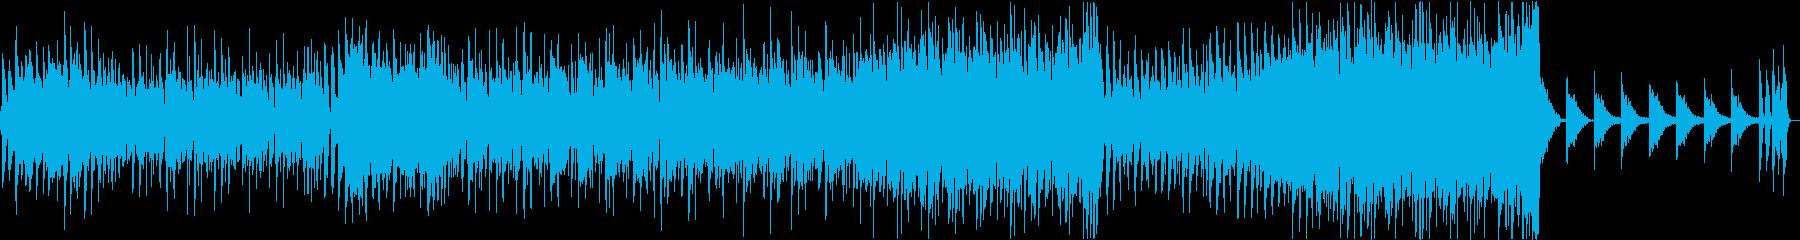 アコギとピアノとパーカションで広がる音像の再生済みの波形